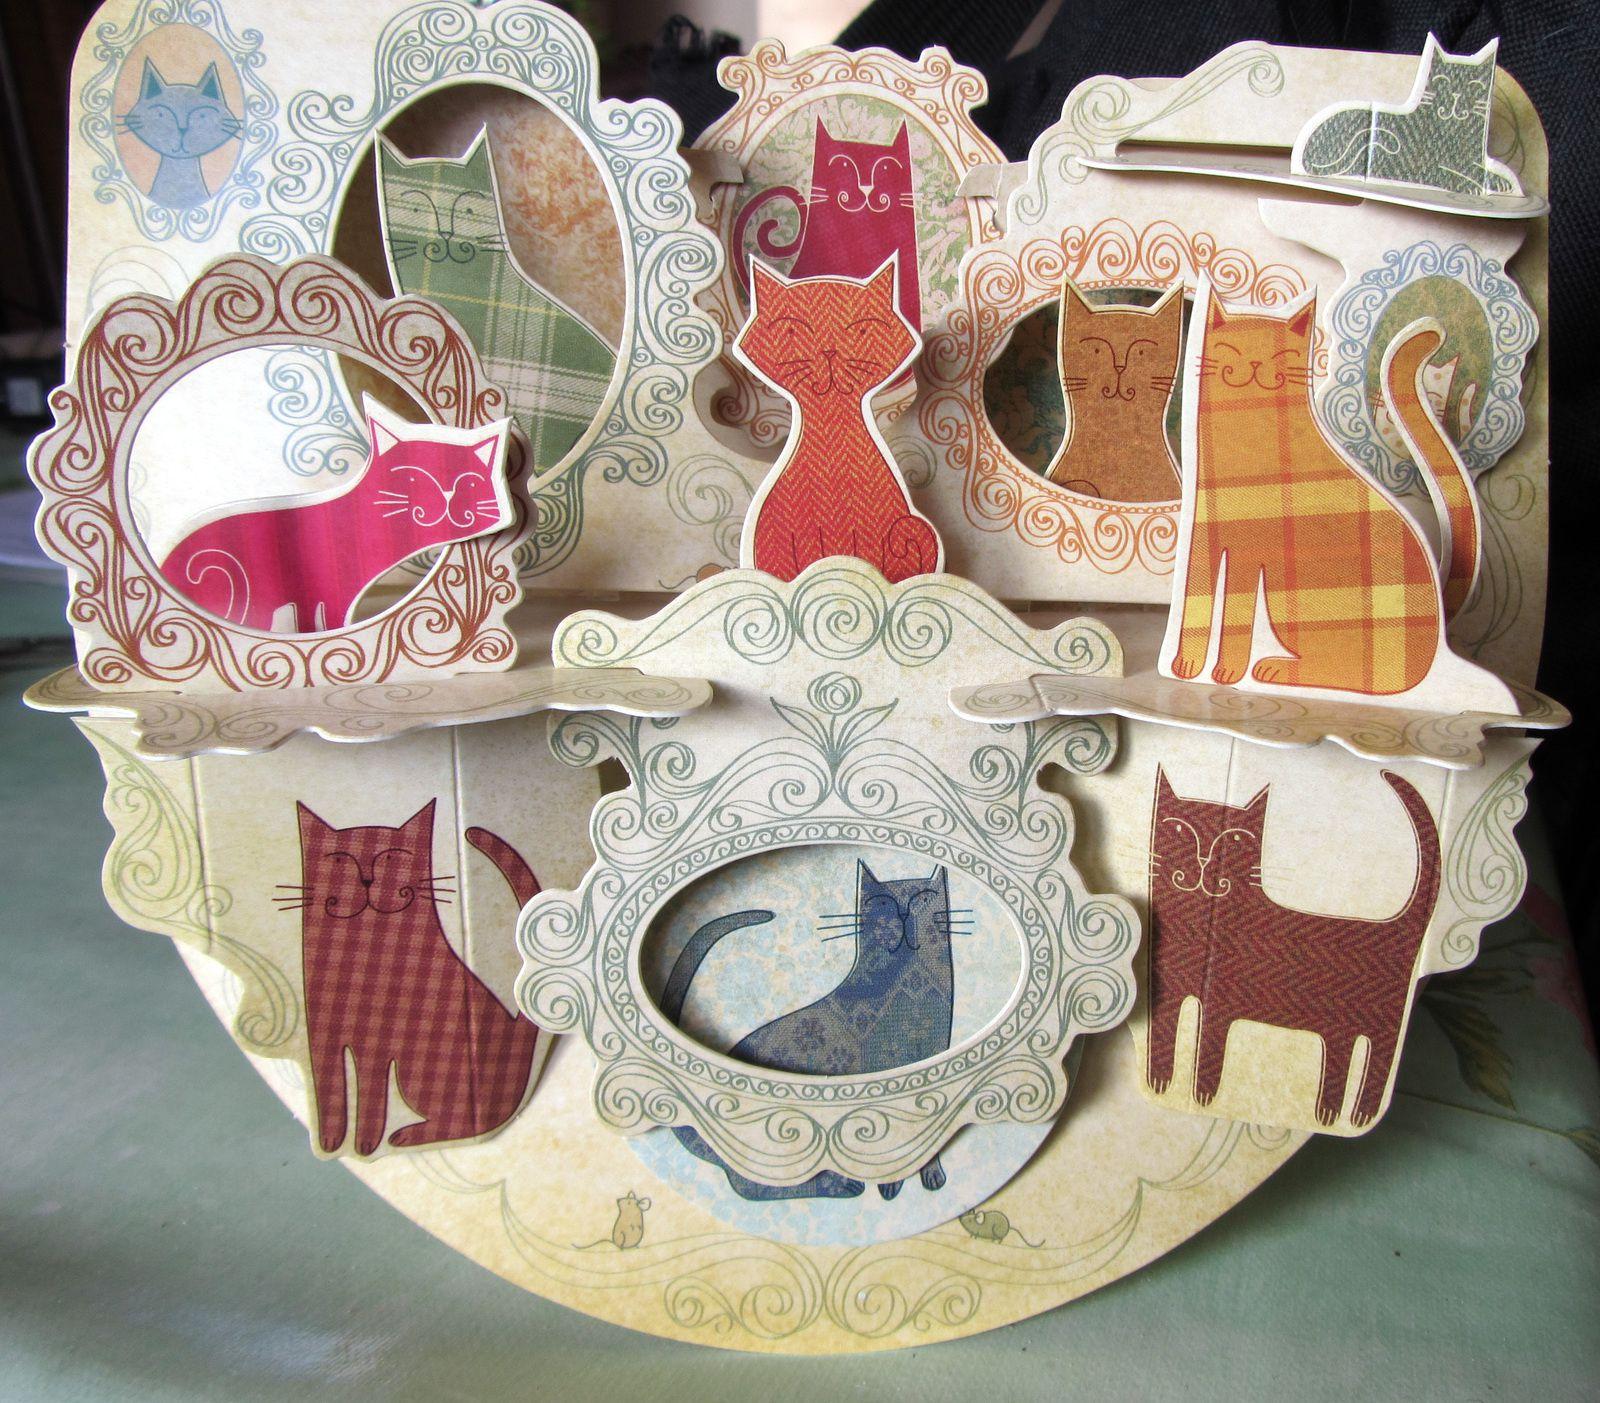 La version du magasin          et ....... la version de Mimie et Nounours... avec la boîte des gâteaux!